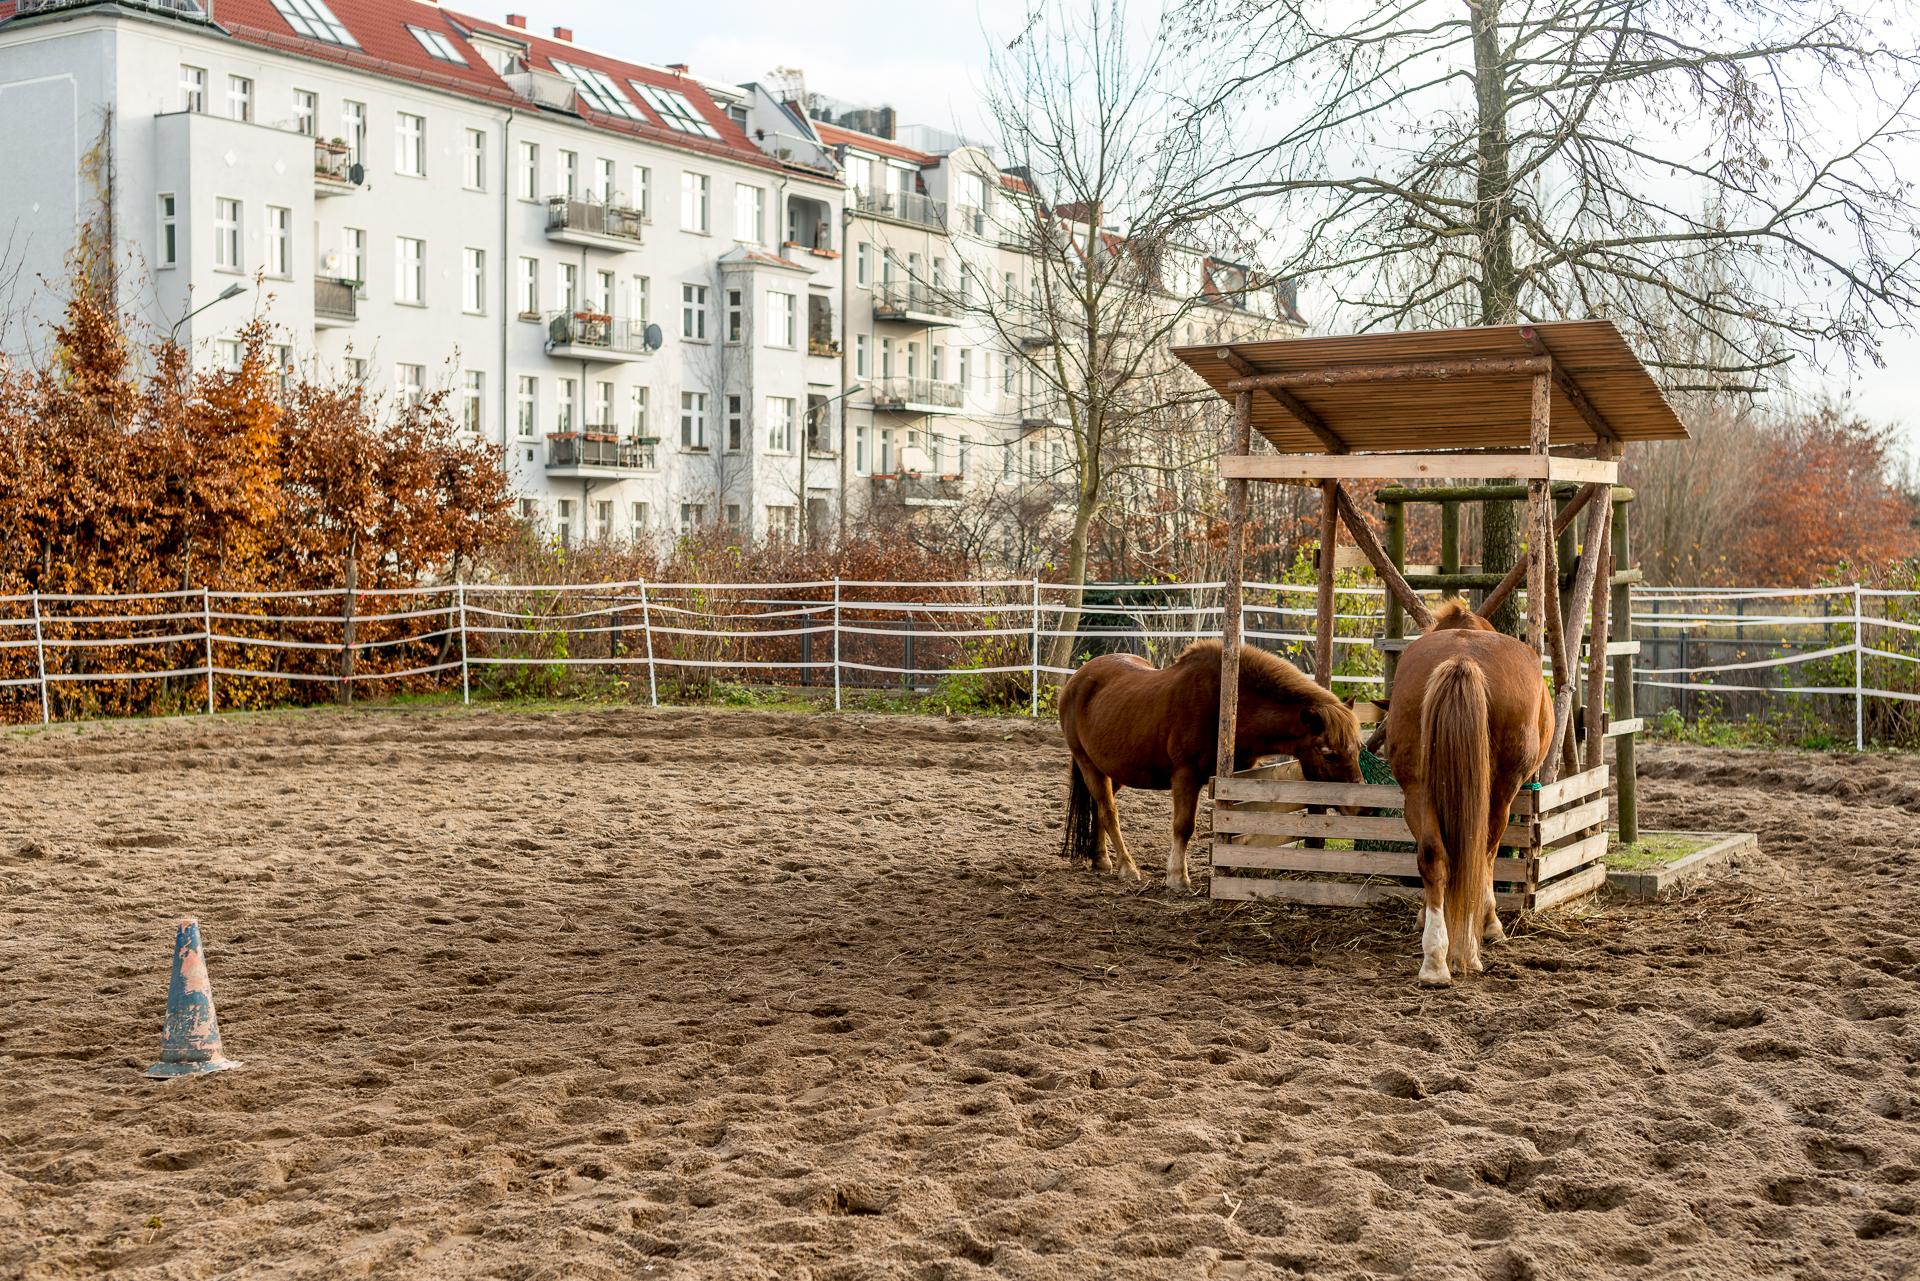 Horses on a children's farm in Prenzlauer Berg, Berlin, Germany